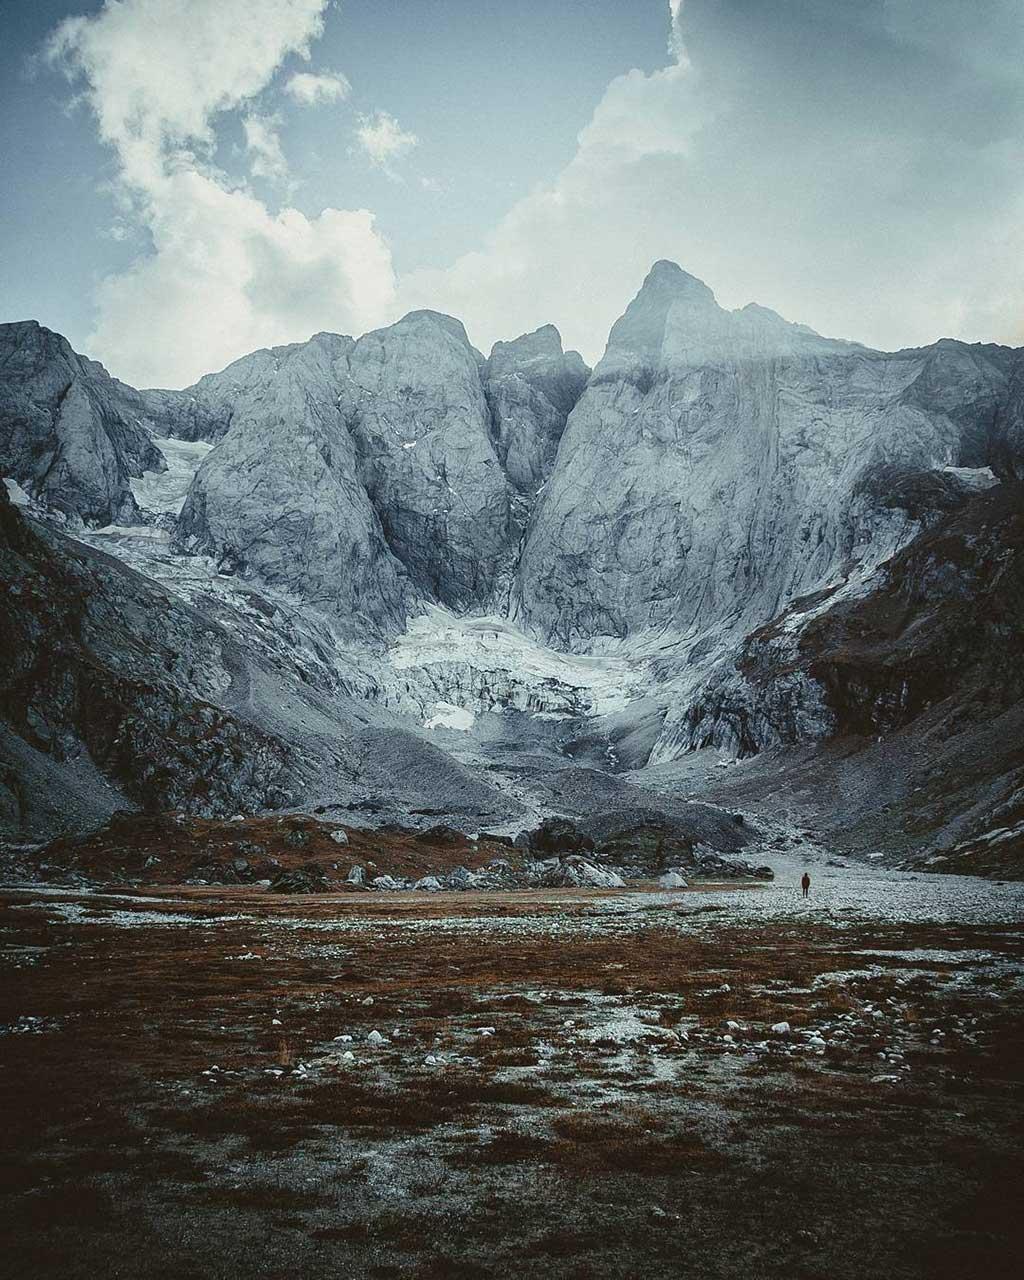 Fotografía montaña Pirineos by @msights